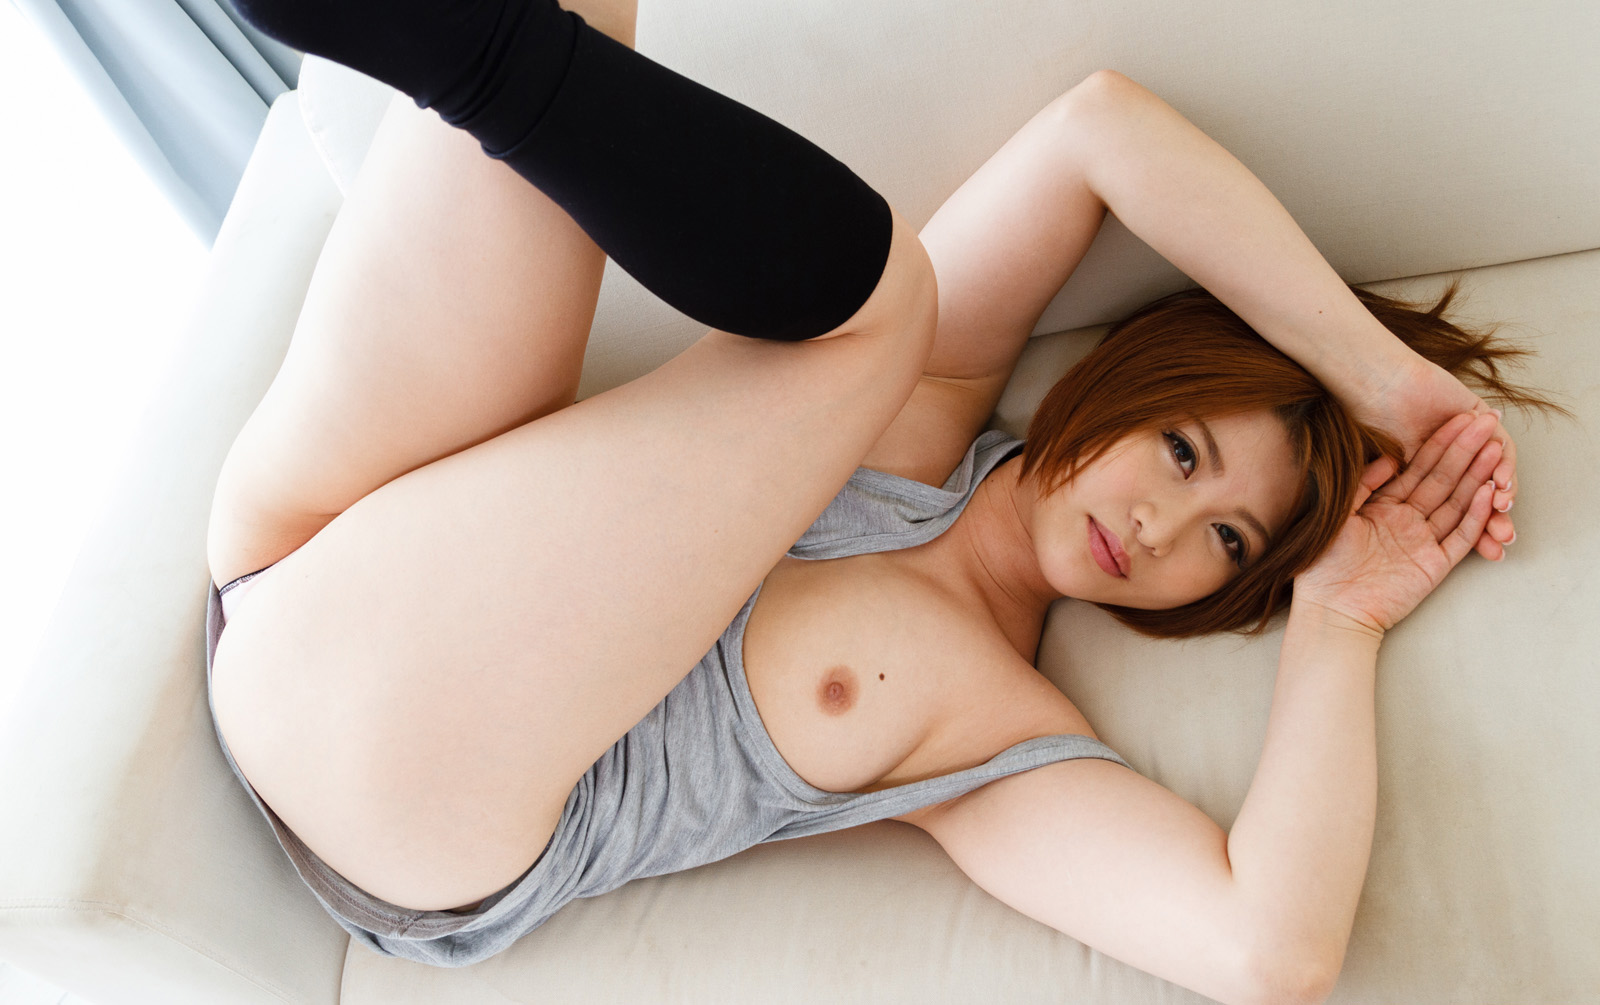 推川ゆうり 画像 27